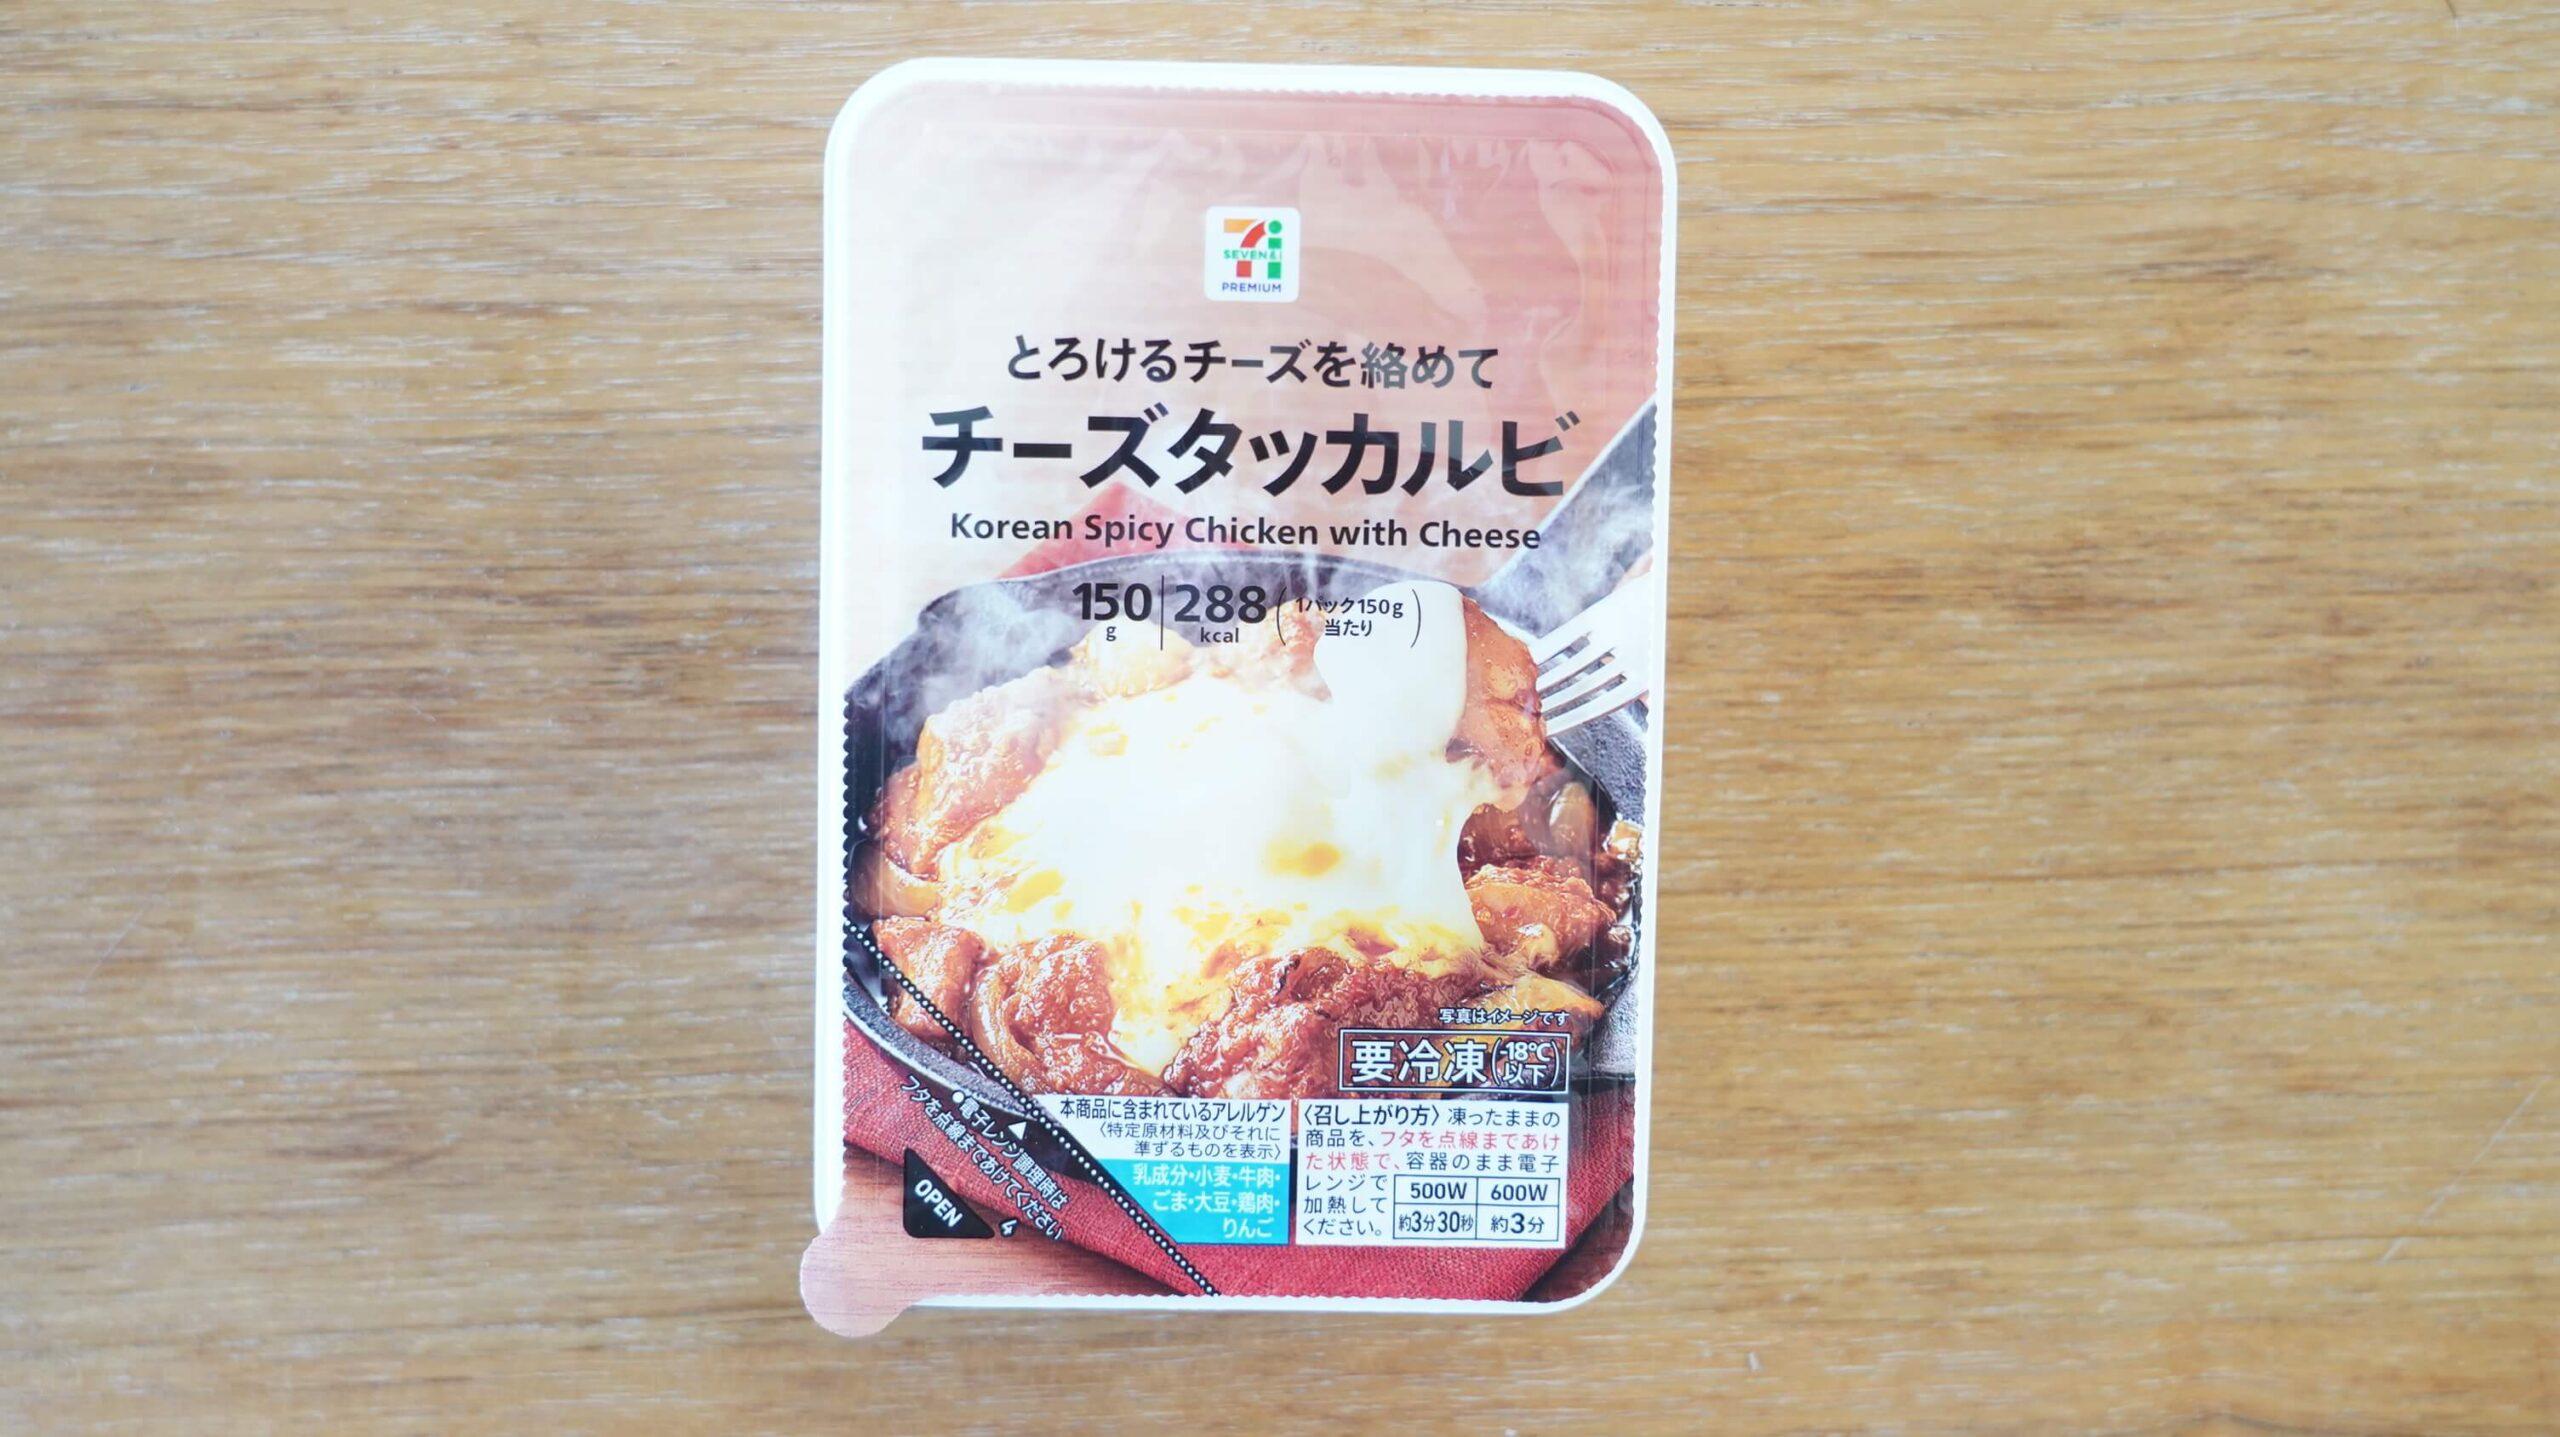 セブンイレブンの冷凍食品「とろけるチーズを絡めて・チーズダッカルビ」のパッケージ写真